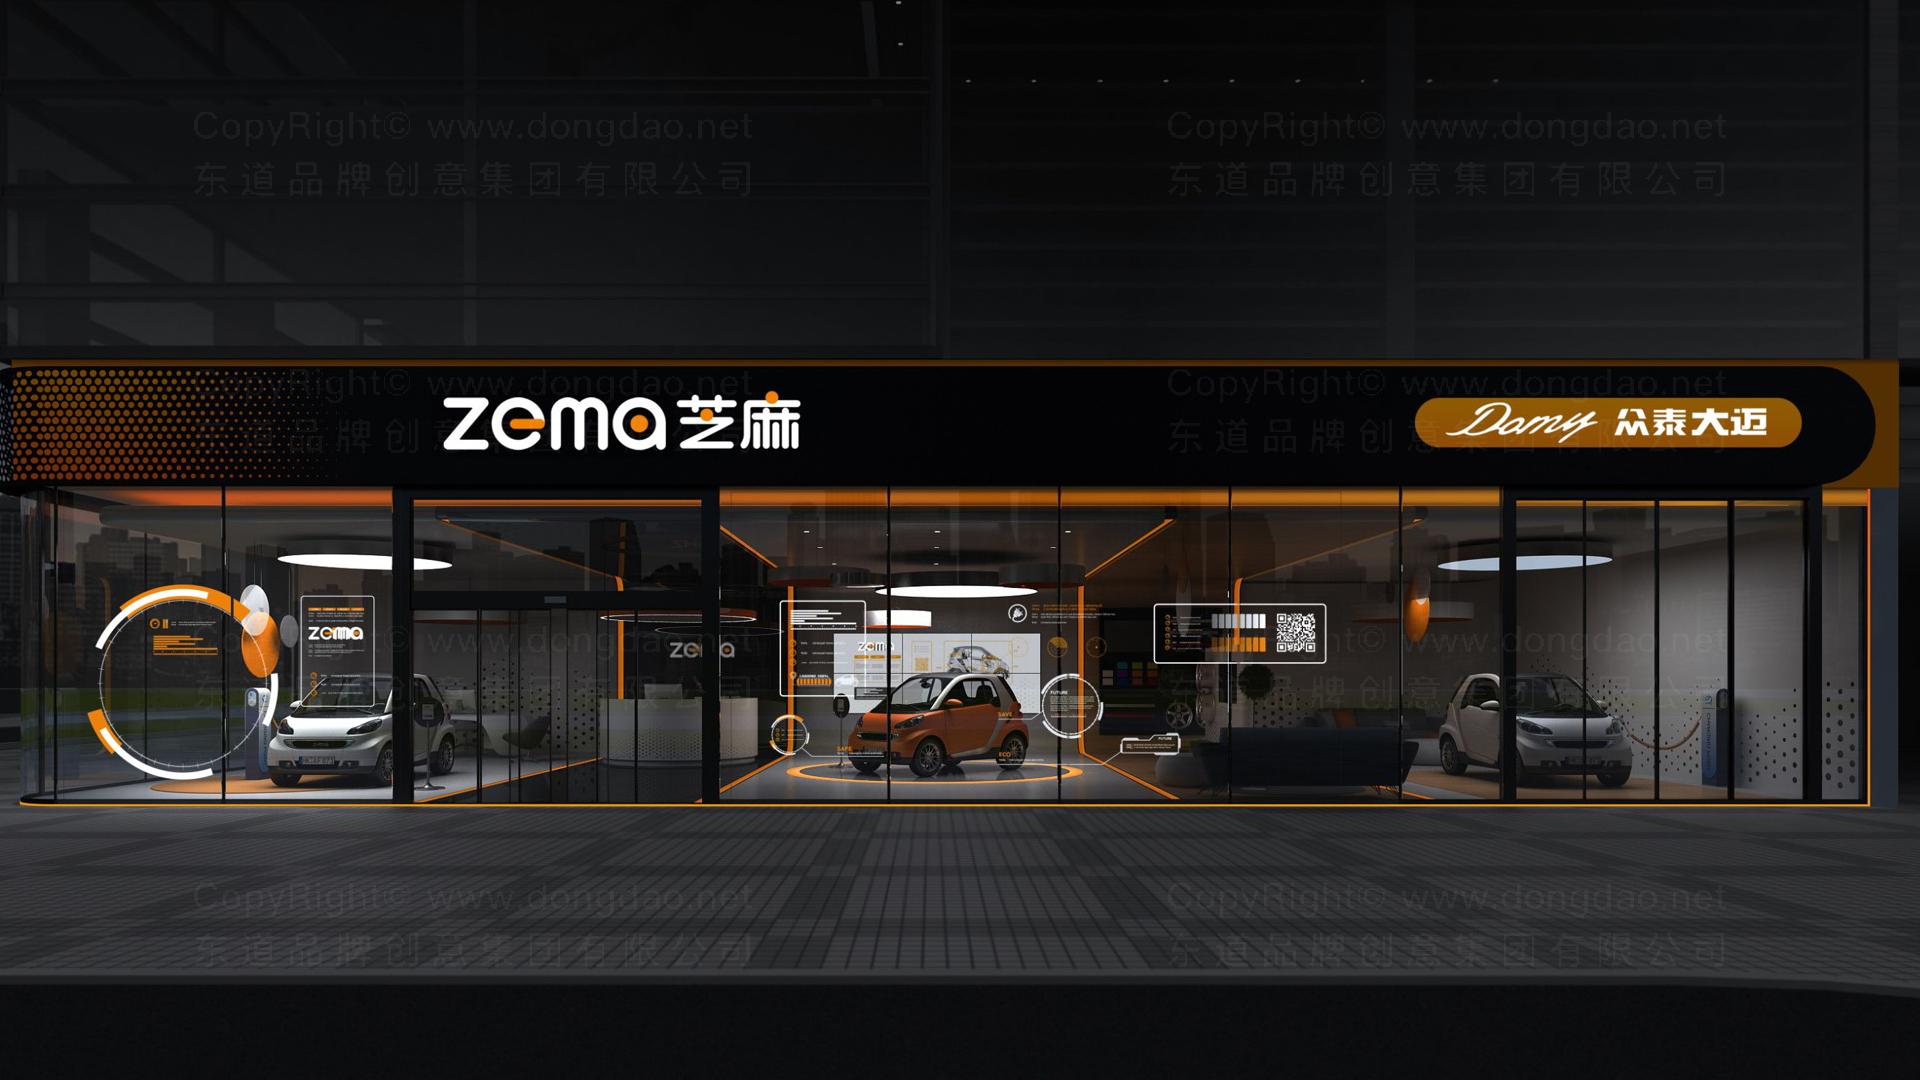 商业空间&导示众泰汽车4S店设计应用场景